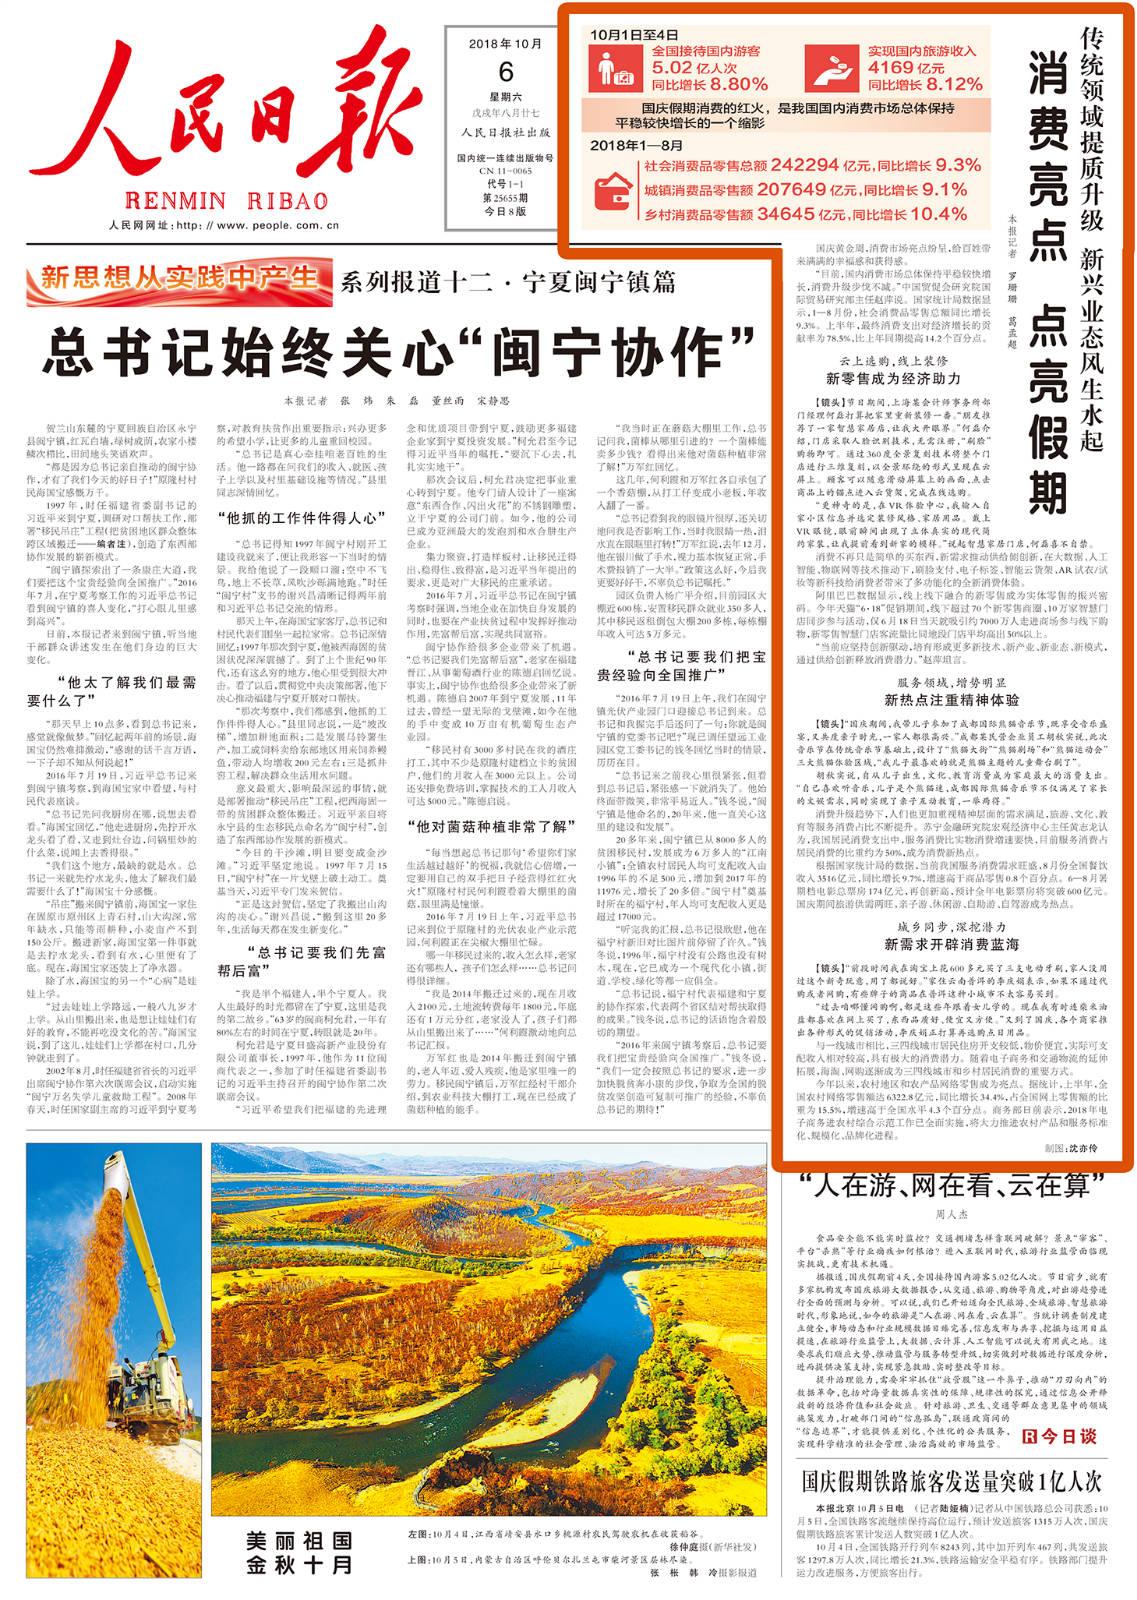 (新闻图2)人民日报指出阿里新零售助力新经济_meitu_2